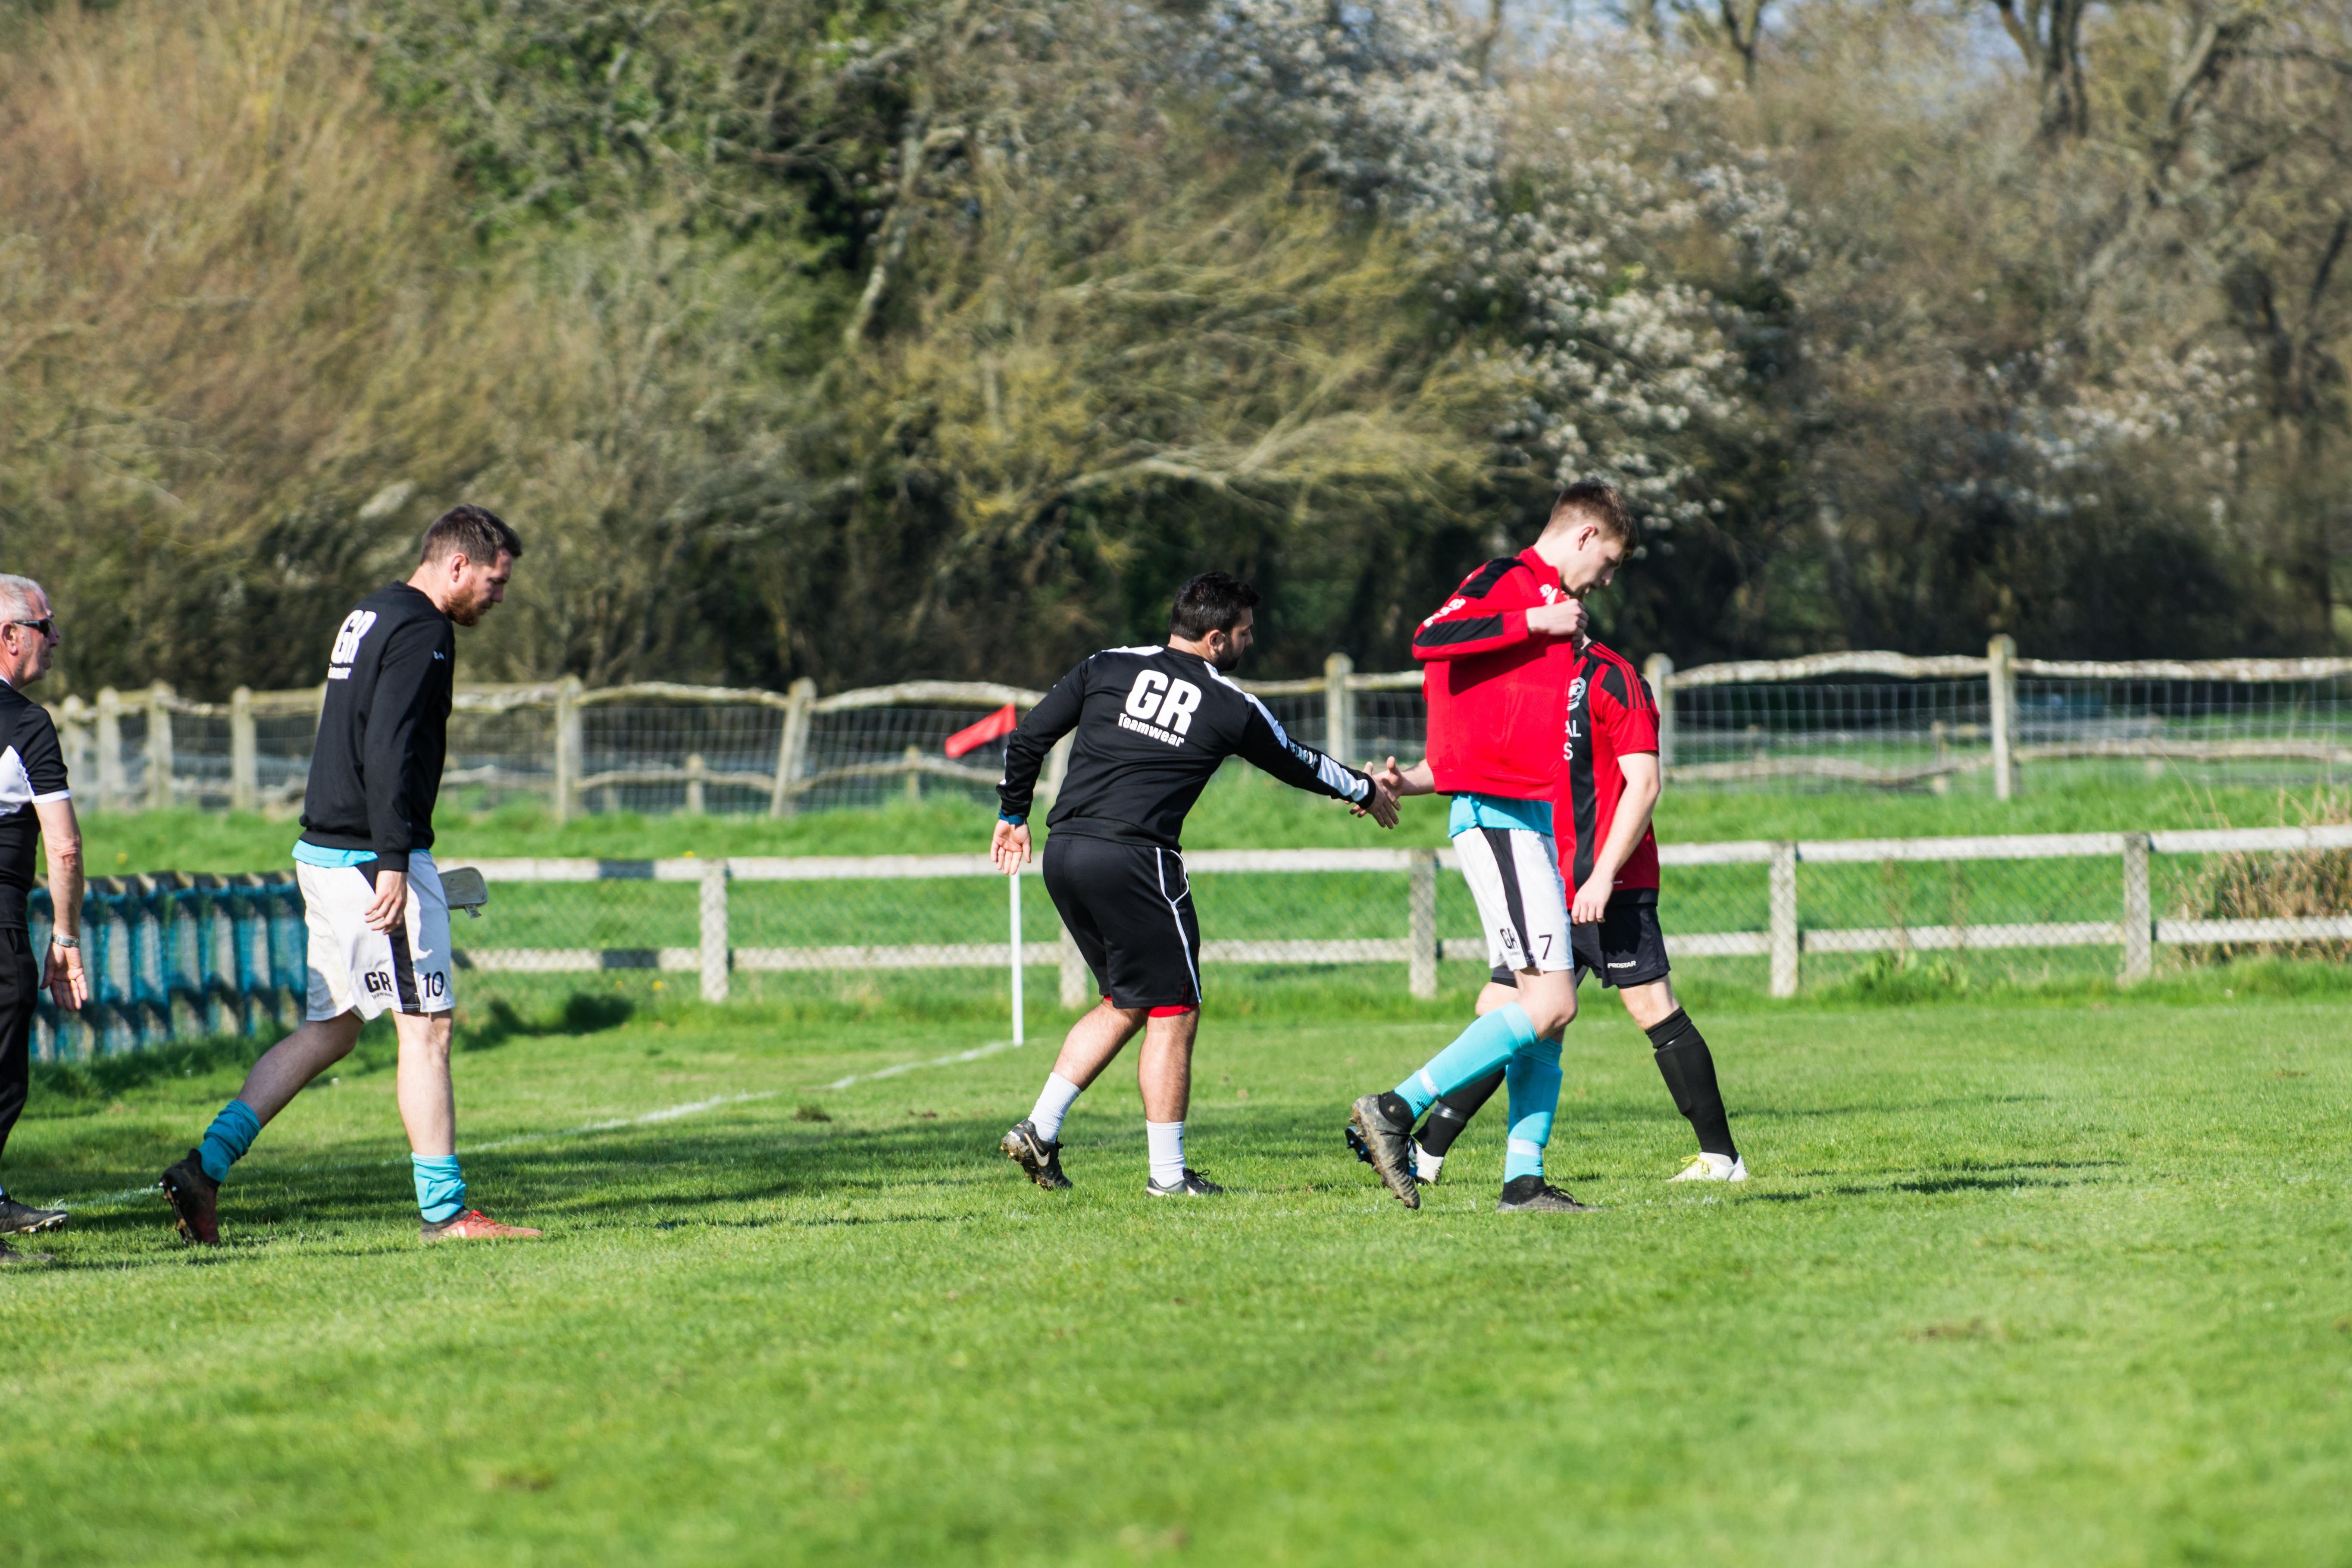 DAVID_JEFFERY Billingshurst FC vs AFC Varndeanians 14.04.18 139